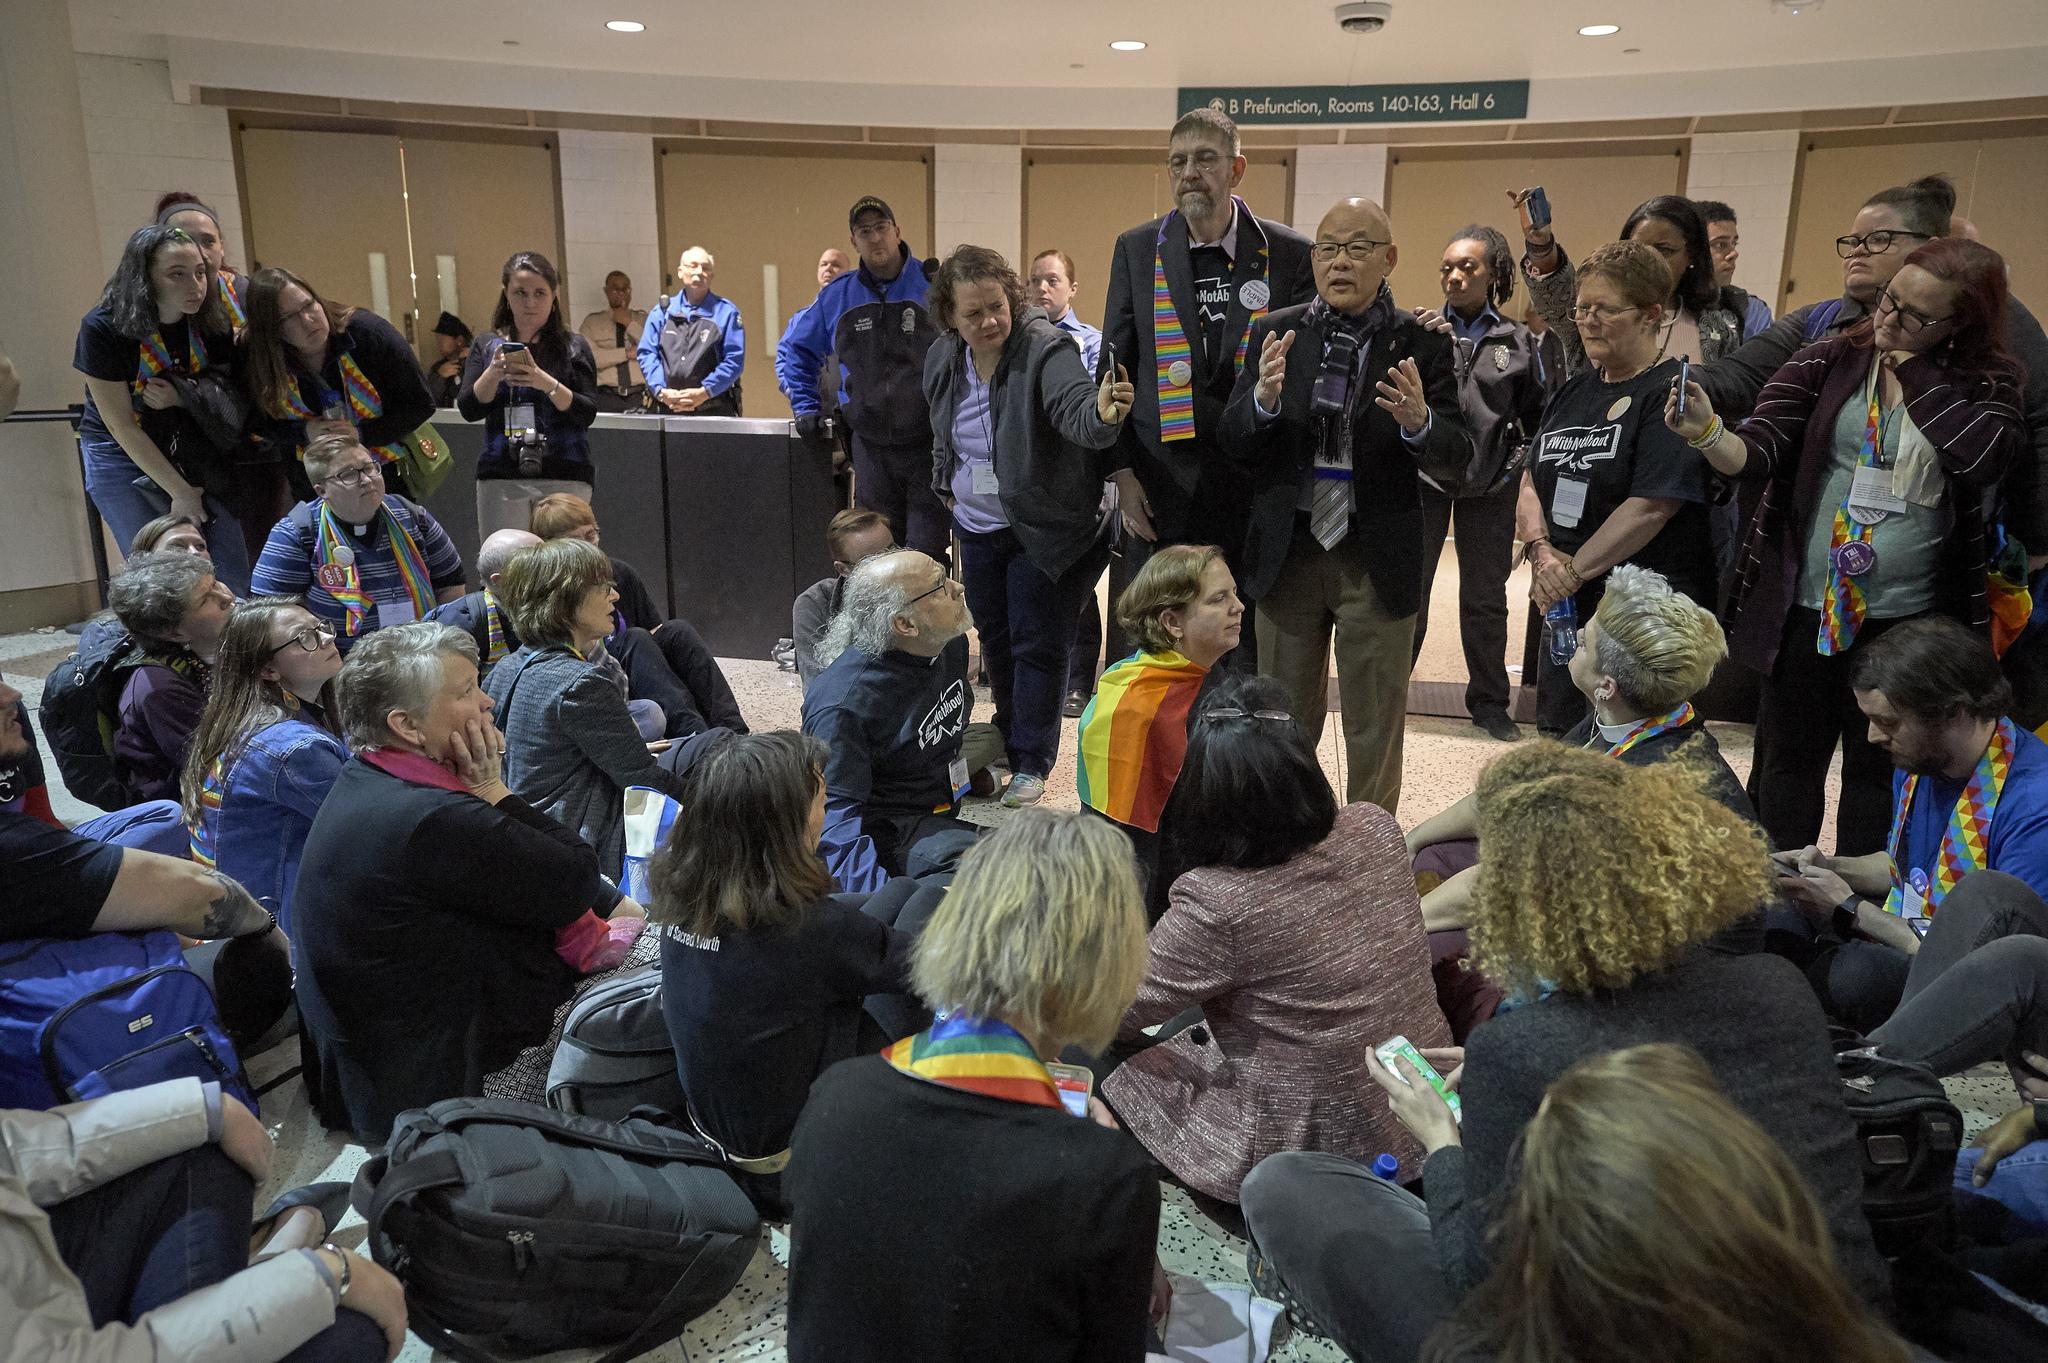 El obispo metodista unido Robert Hoshibata se reúne con manifestantes molestos por la aprobación del Plan Tradicional, que afirma las prohibiciones actuales de la iglesia de ordenar al clero LGBTQ y de oficiar o celebrar bodas entre personas del mismo sexo. La votación se realizó el último día de la Conferencia General de 2019, en San Luis. Foto por Paul Jeffrey, SMUN.